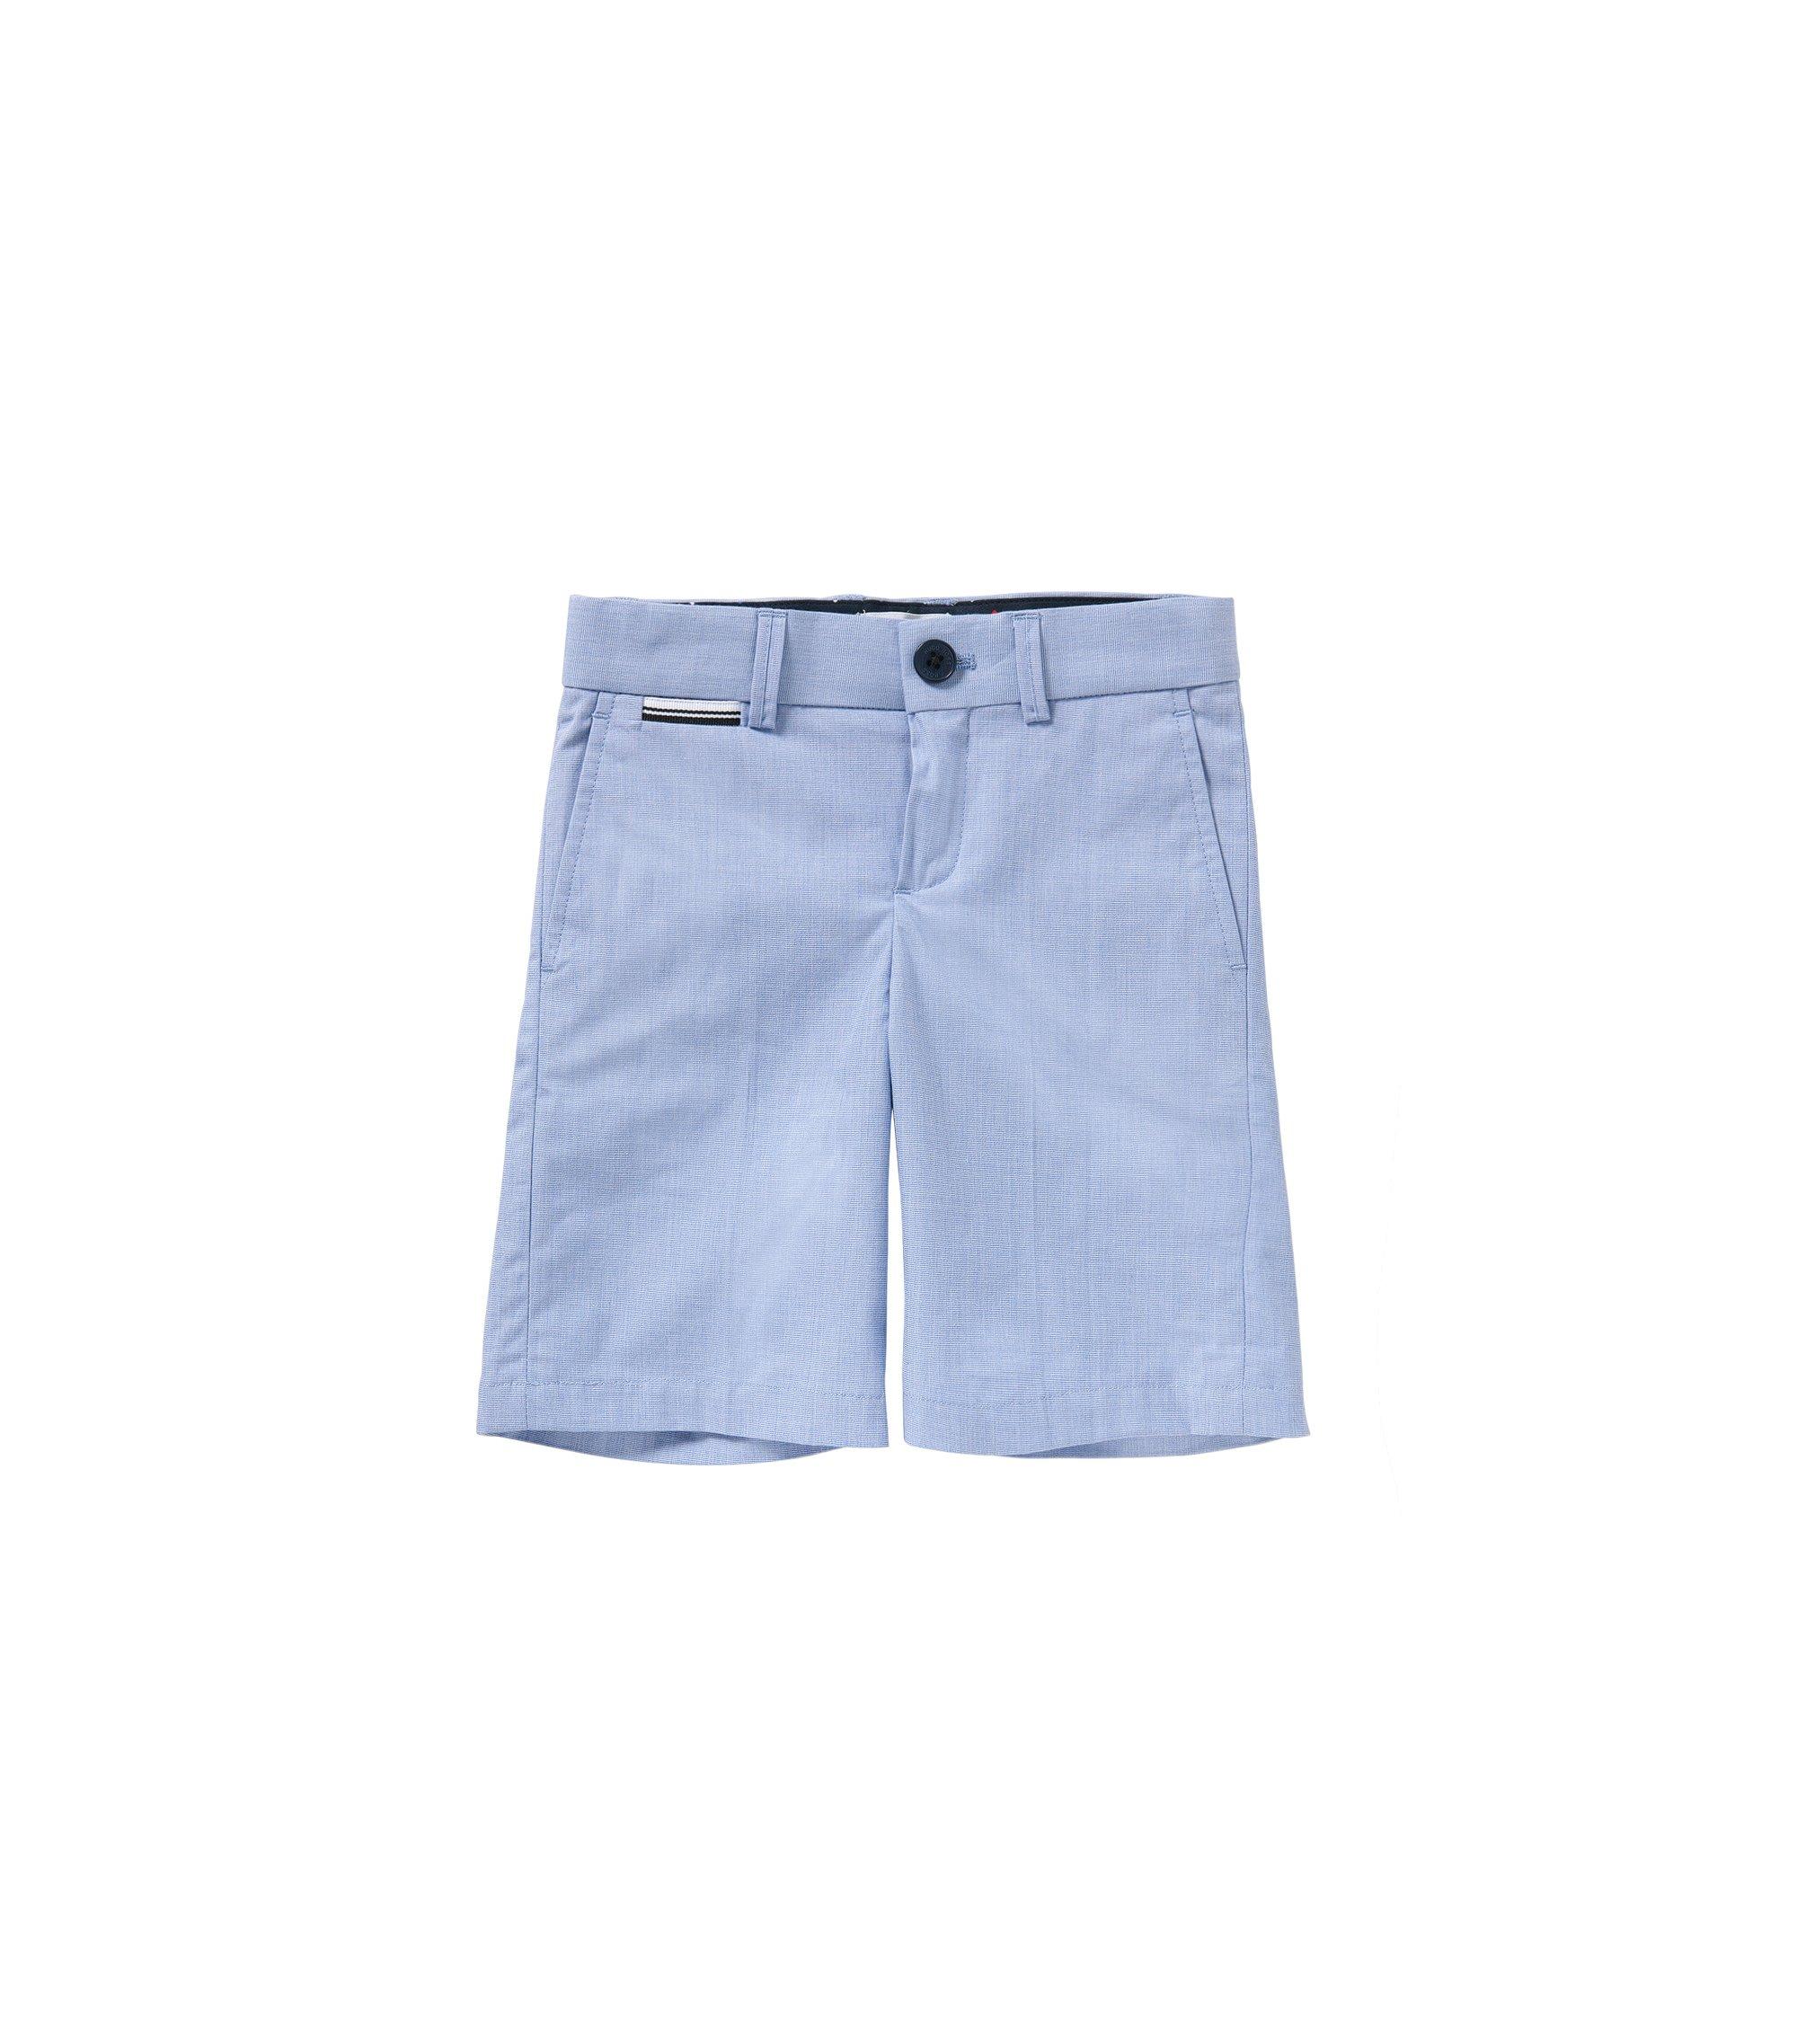 Kids-Shorts aus Baumwolle mit Streifen-Detail 'J24411', Hellblau